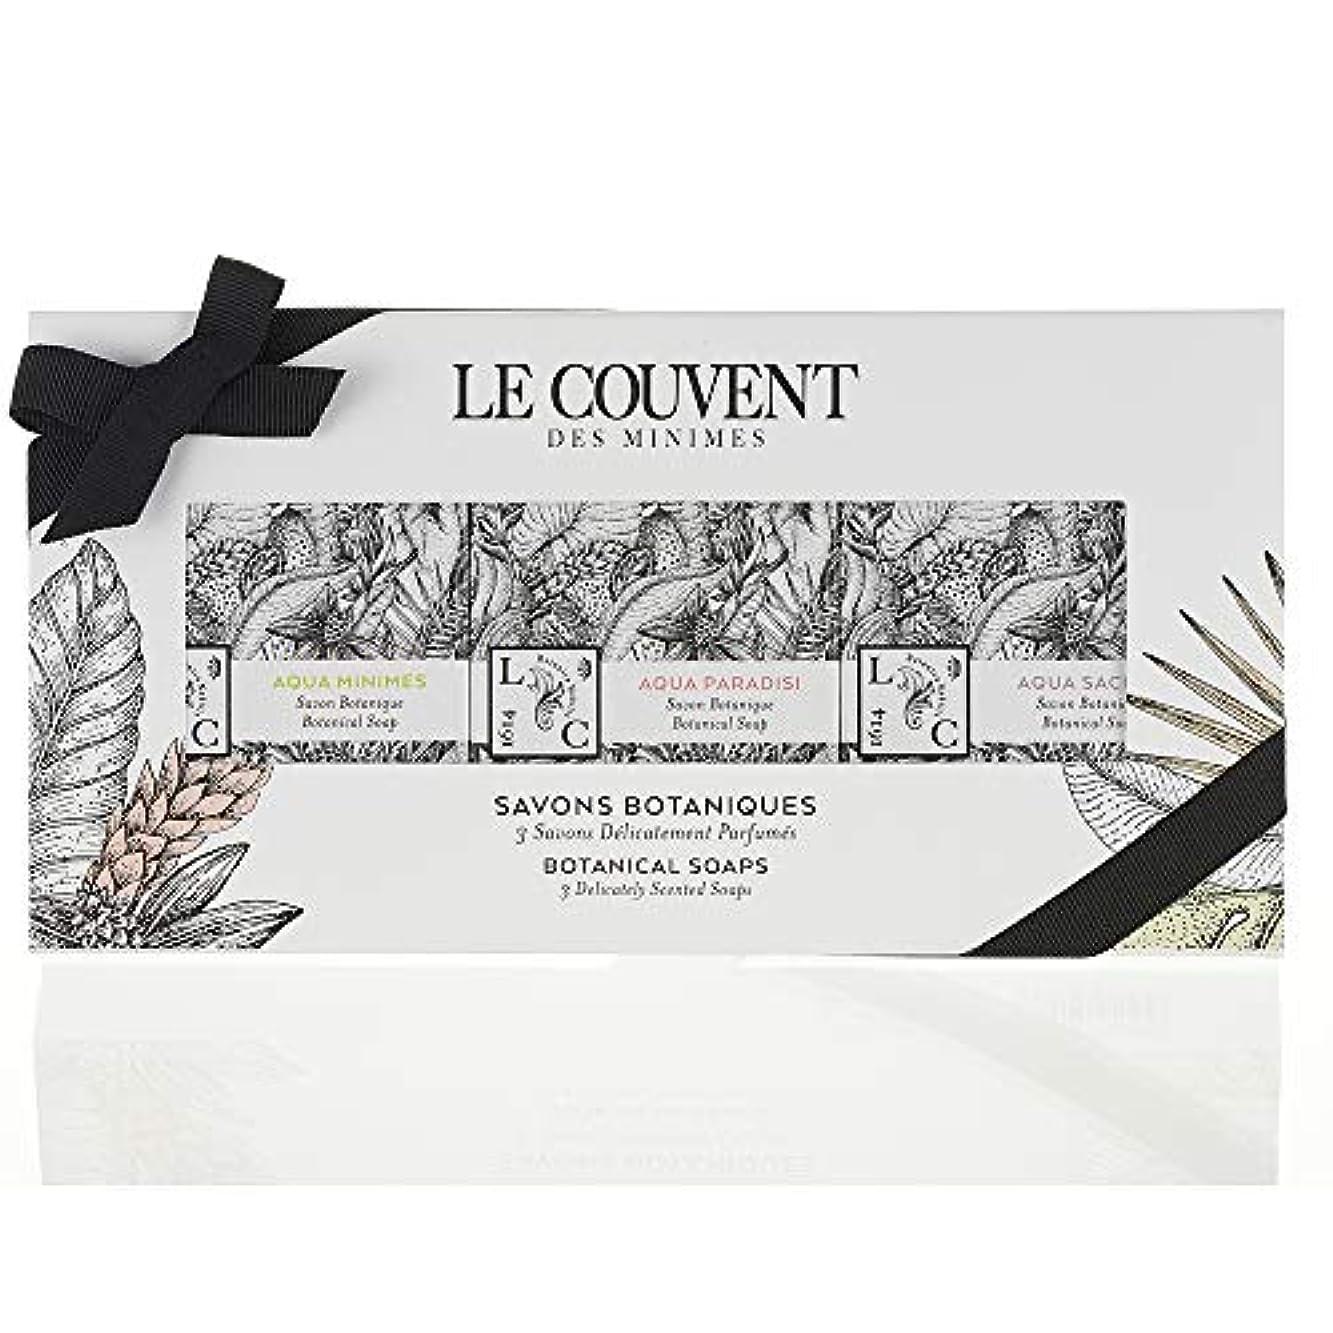 高齢者依存するに勝るクヴォン?デ?ミニム(Le Couvent des Minimes) ボタニカル ソープセット 石鹸 アクアミニム ボタニカルソープ、アクアパラディシ ボタニカルソープ、アクアサクラエ ボタニカルソープ各50g